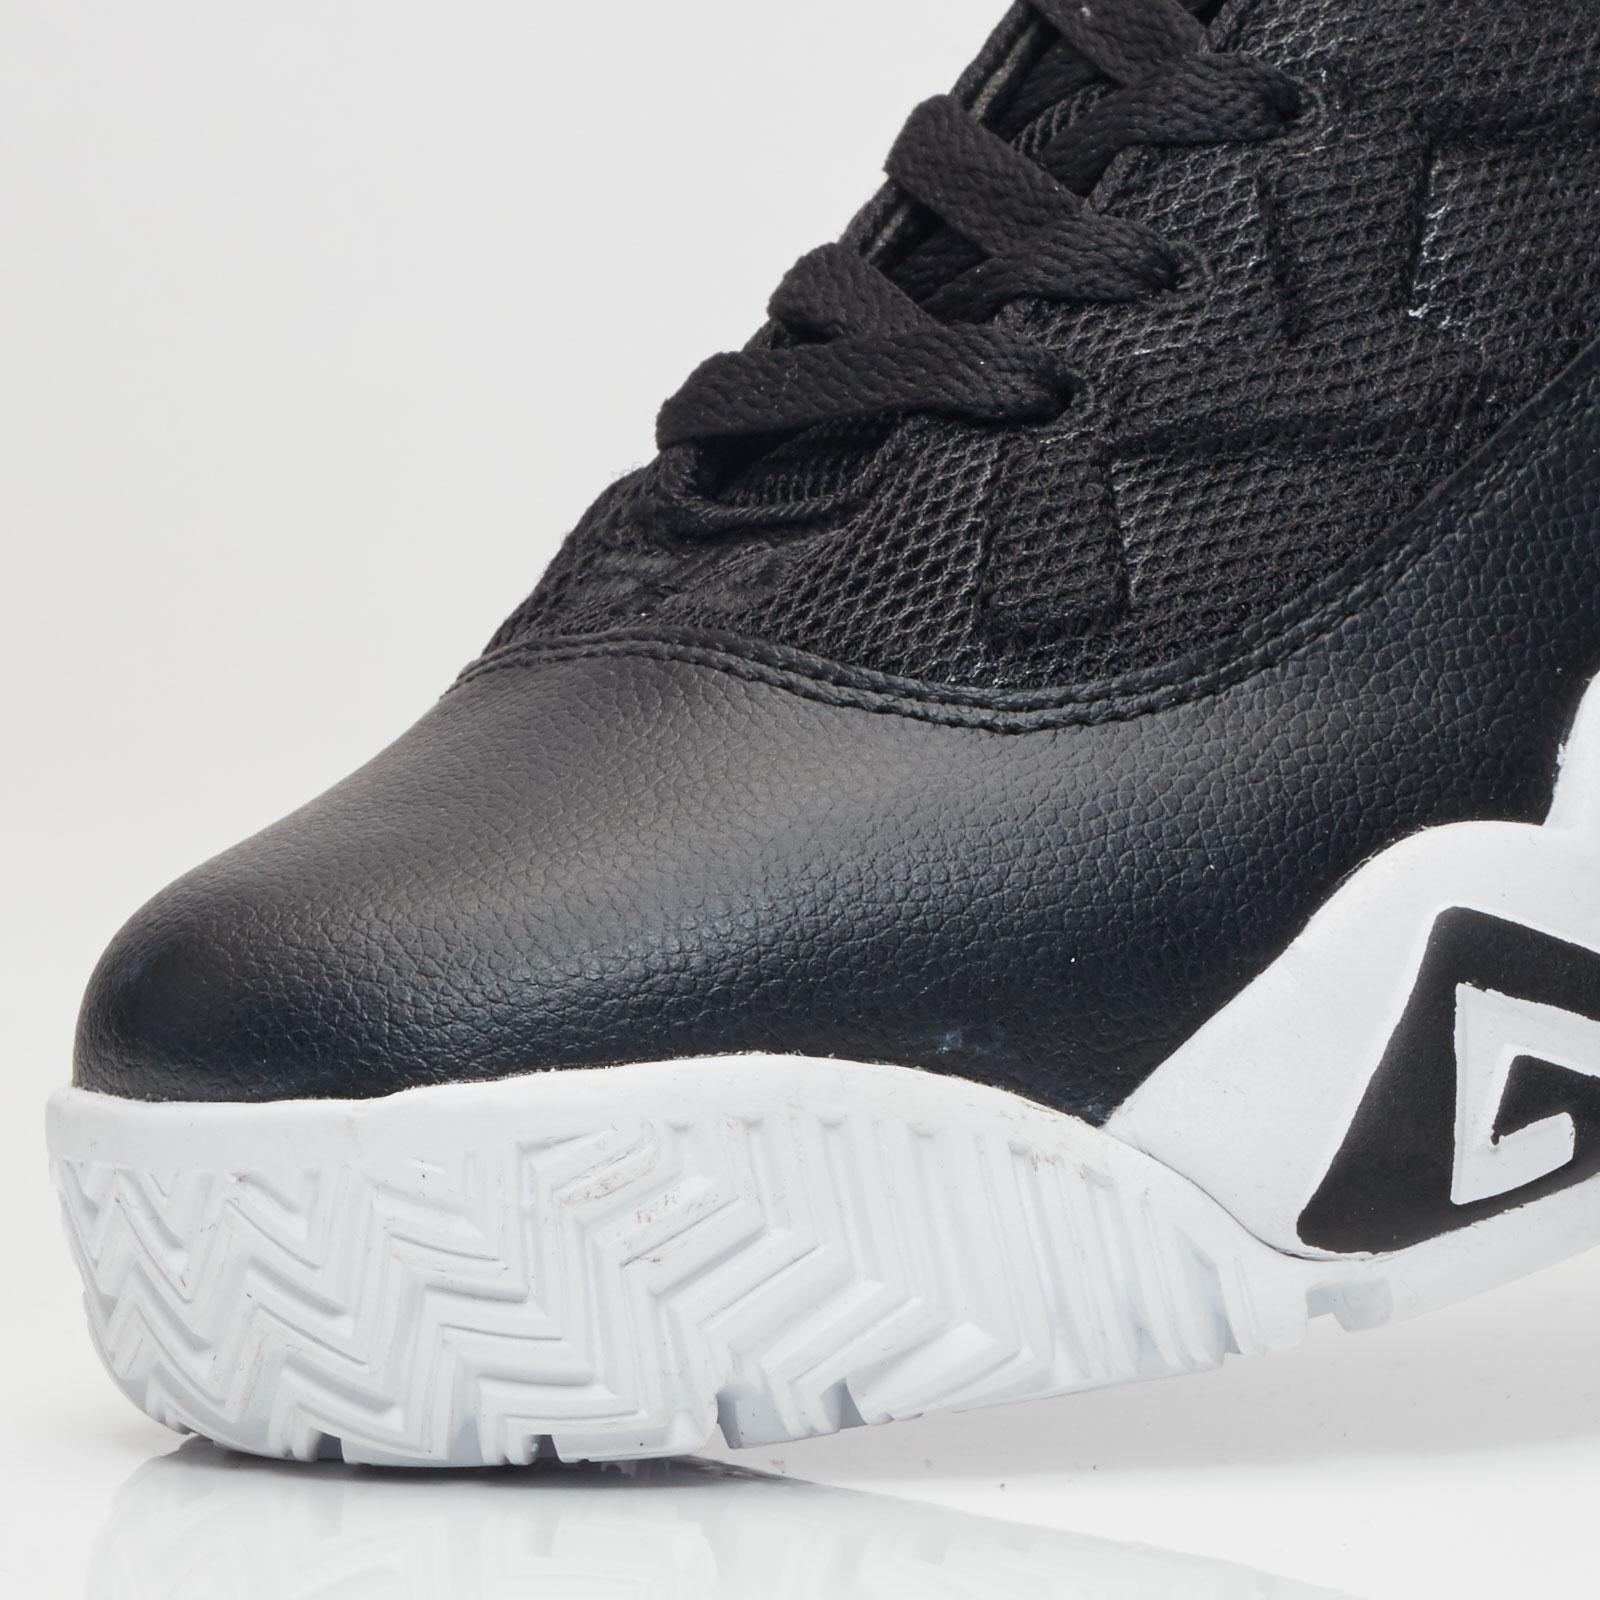 3e137725d5af Fila MB Mesh - 1vb90177-016 - Sneakersnstuff